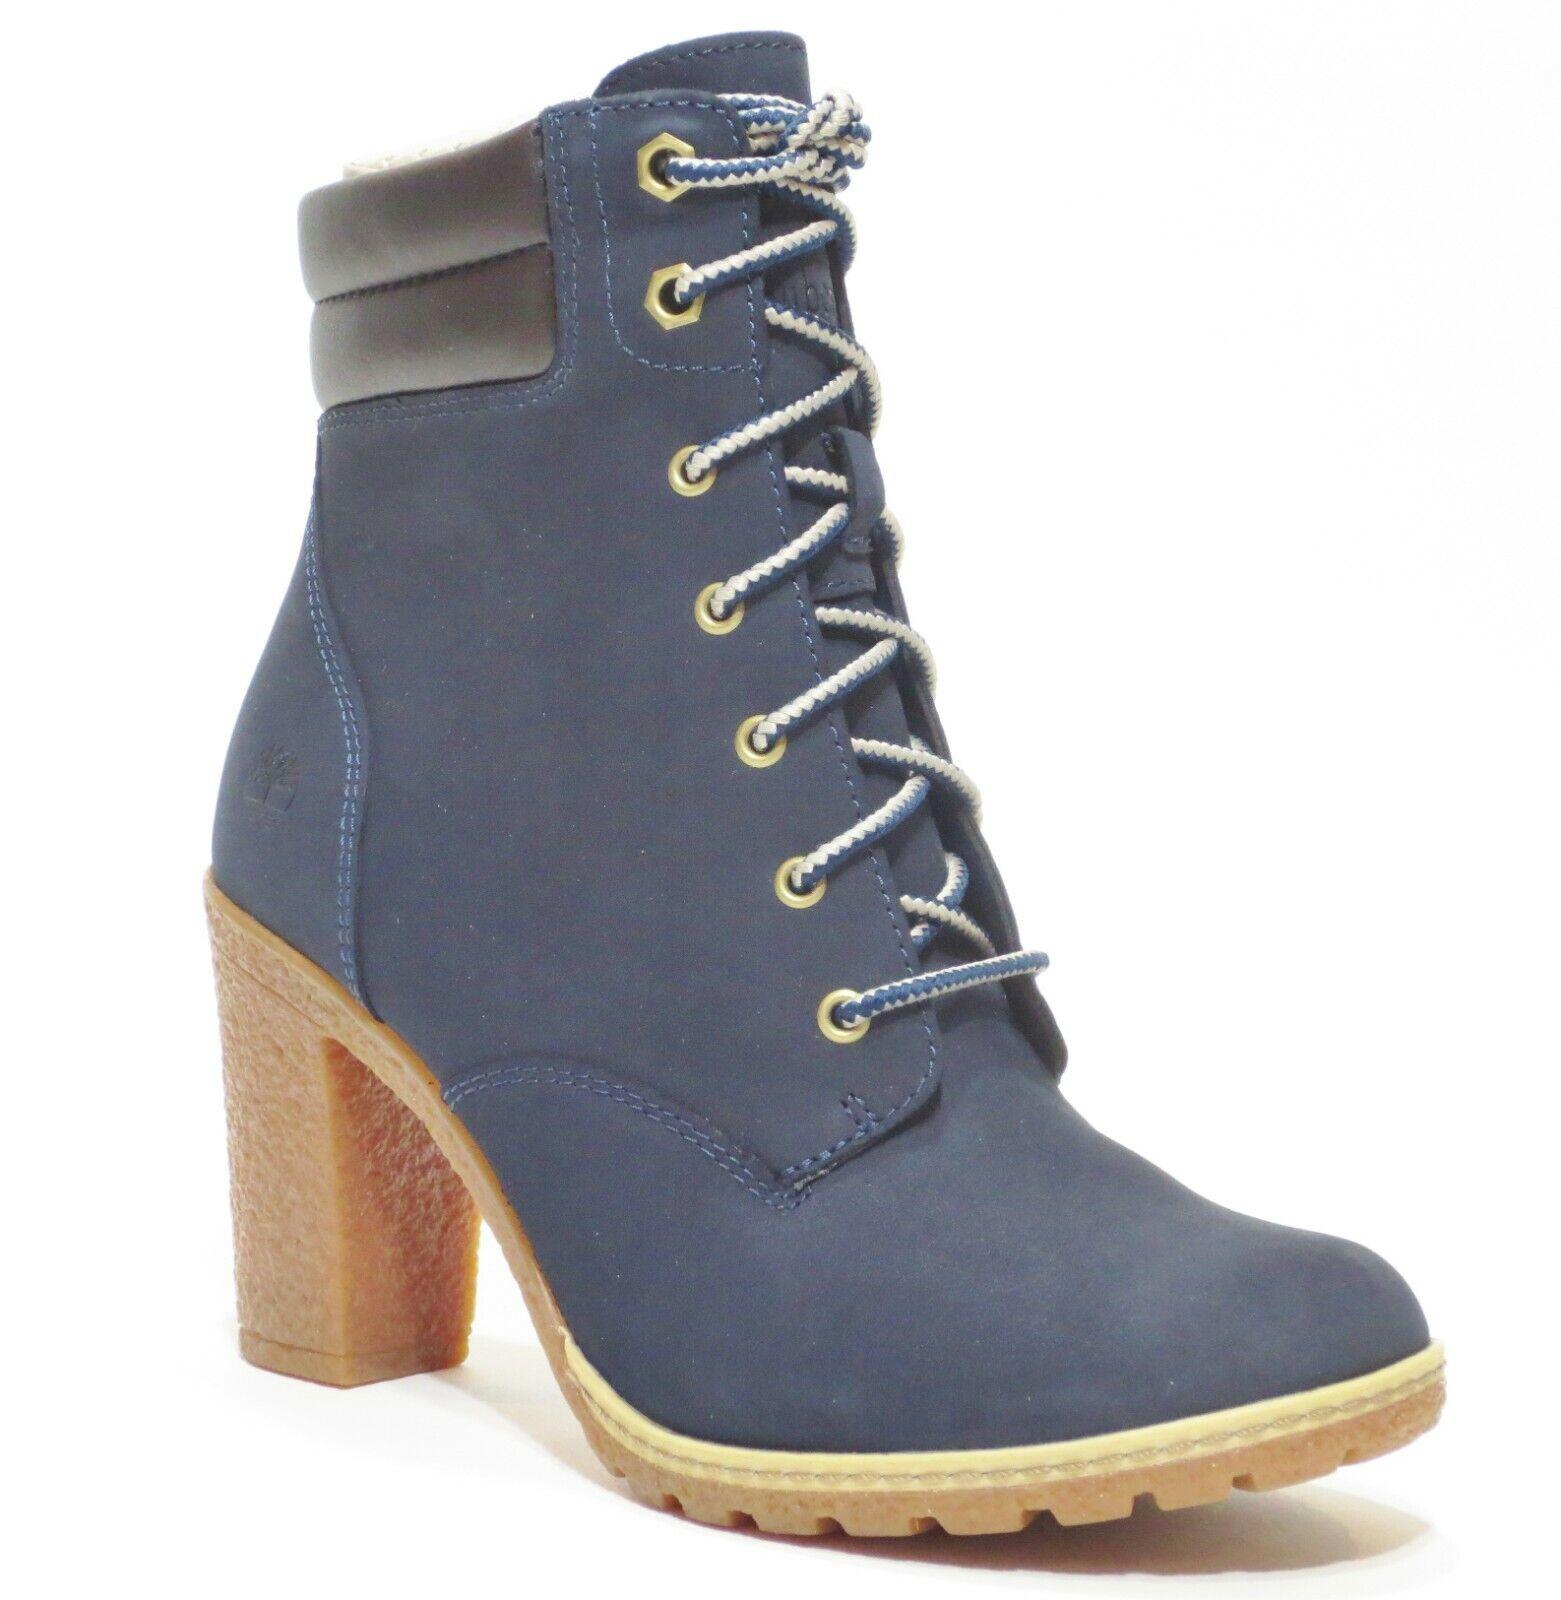 Timberland Women's Tillston High Heel Navy Blue Leather Boot